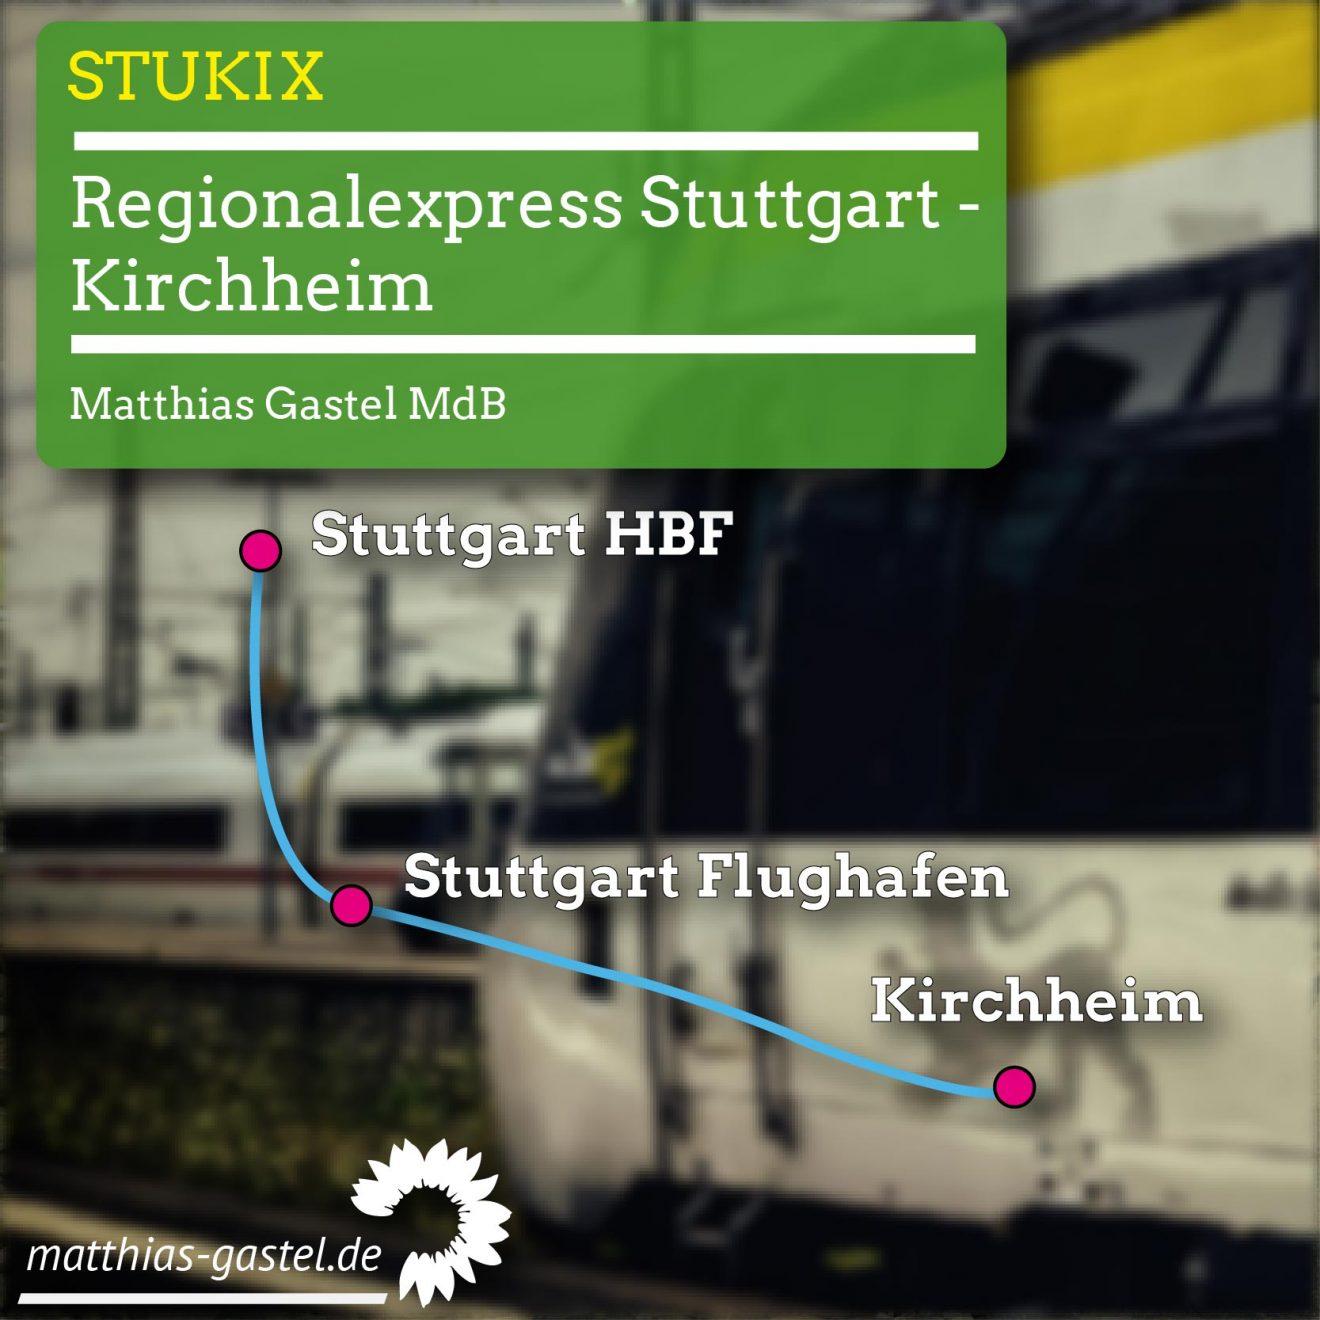 Sharepic StuKiX_Zeichenfläche 1